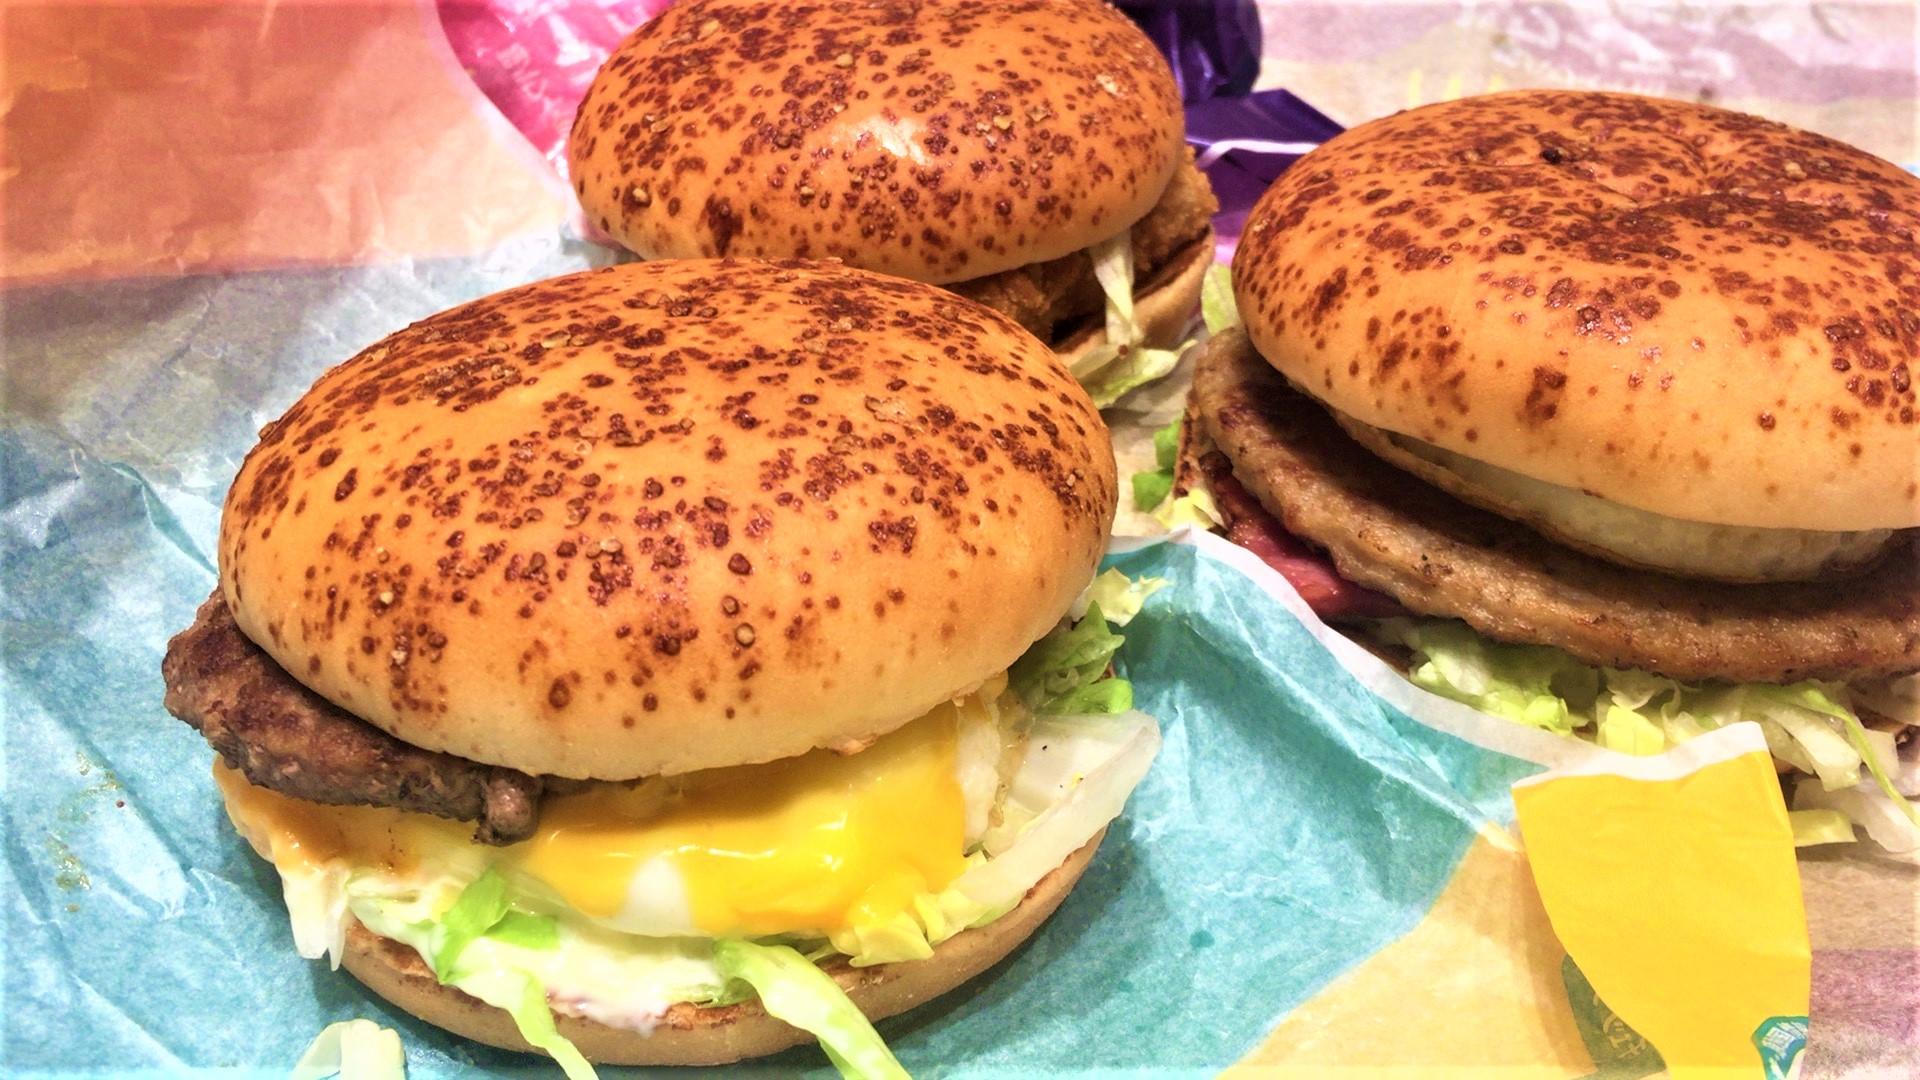 チーズロコモコ、ガーリックシュリンプ、ハワイアンバーベキューポークを食べてみた【感想・口コミは?】